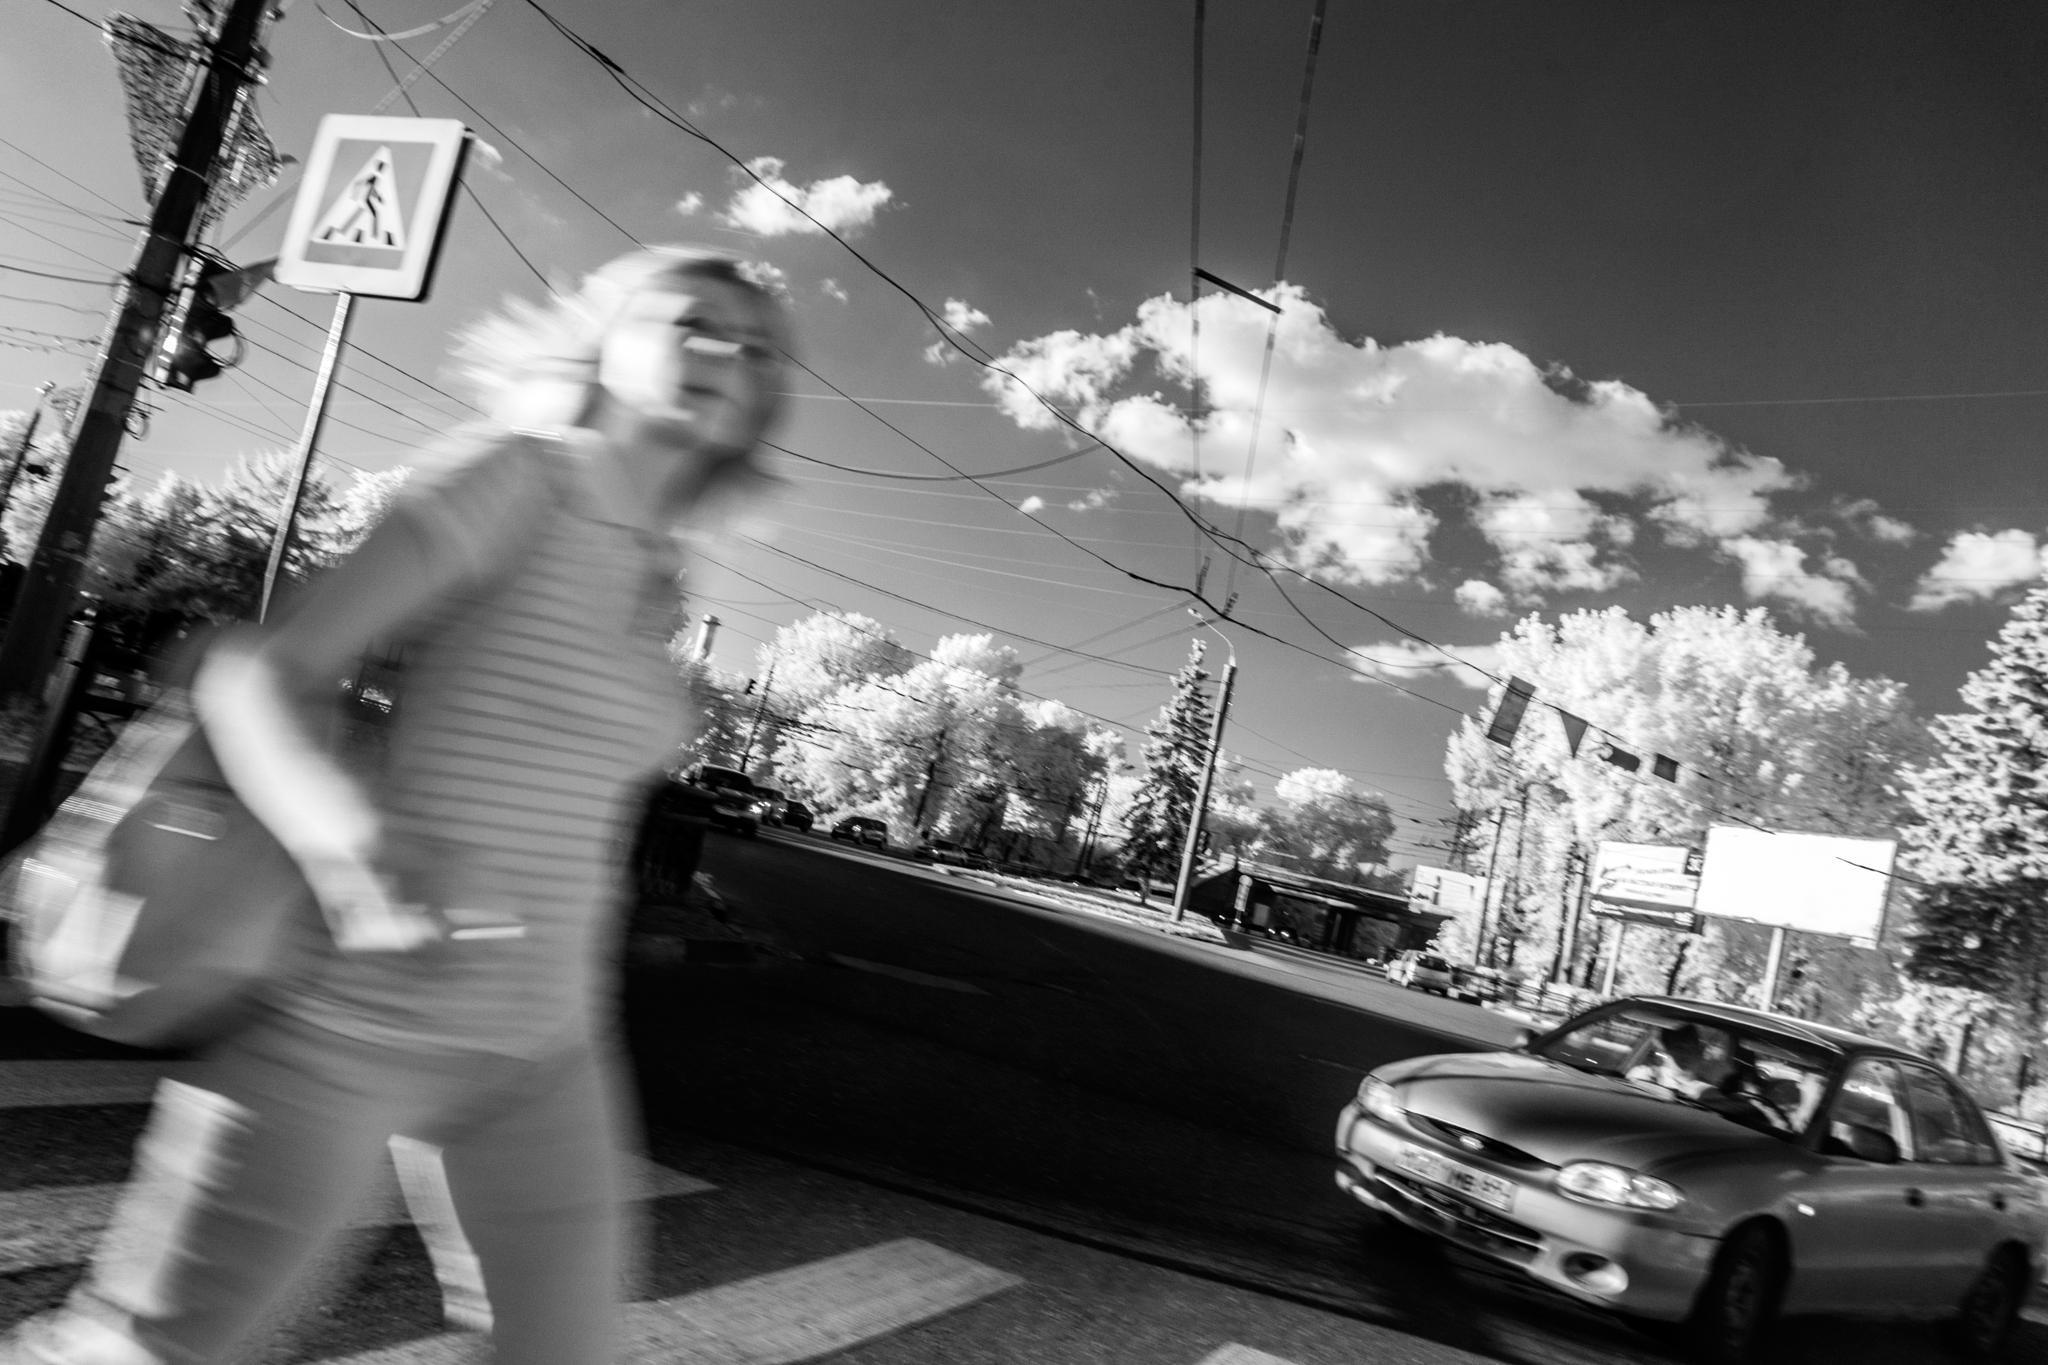 walker by Vlad Pluzhnikov